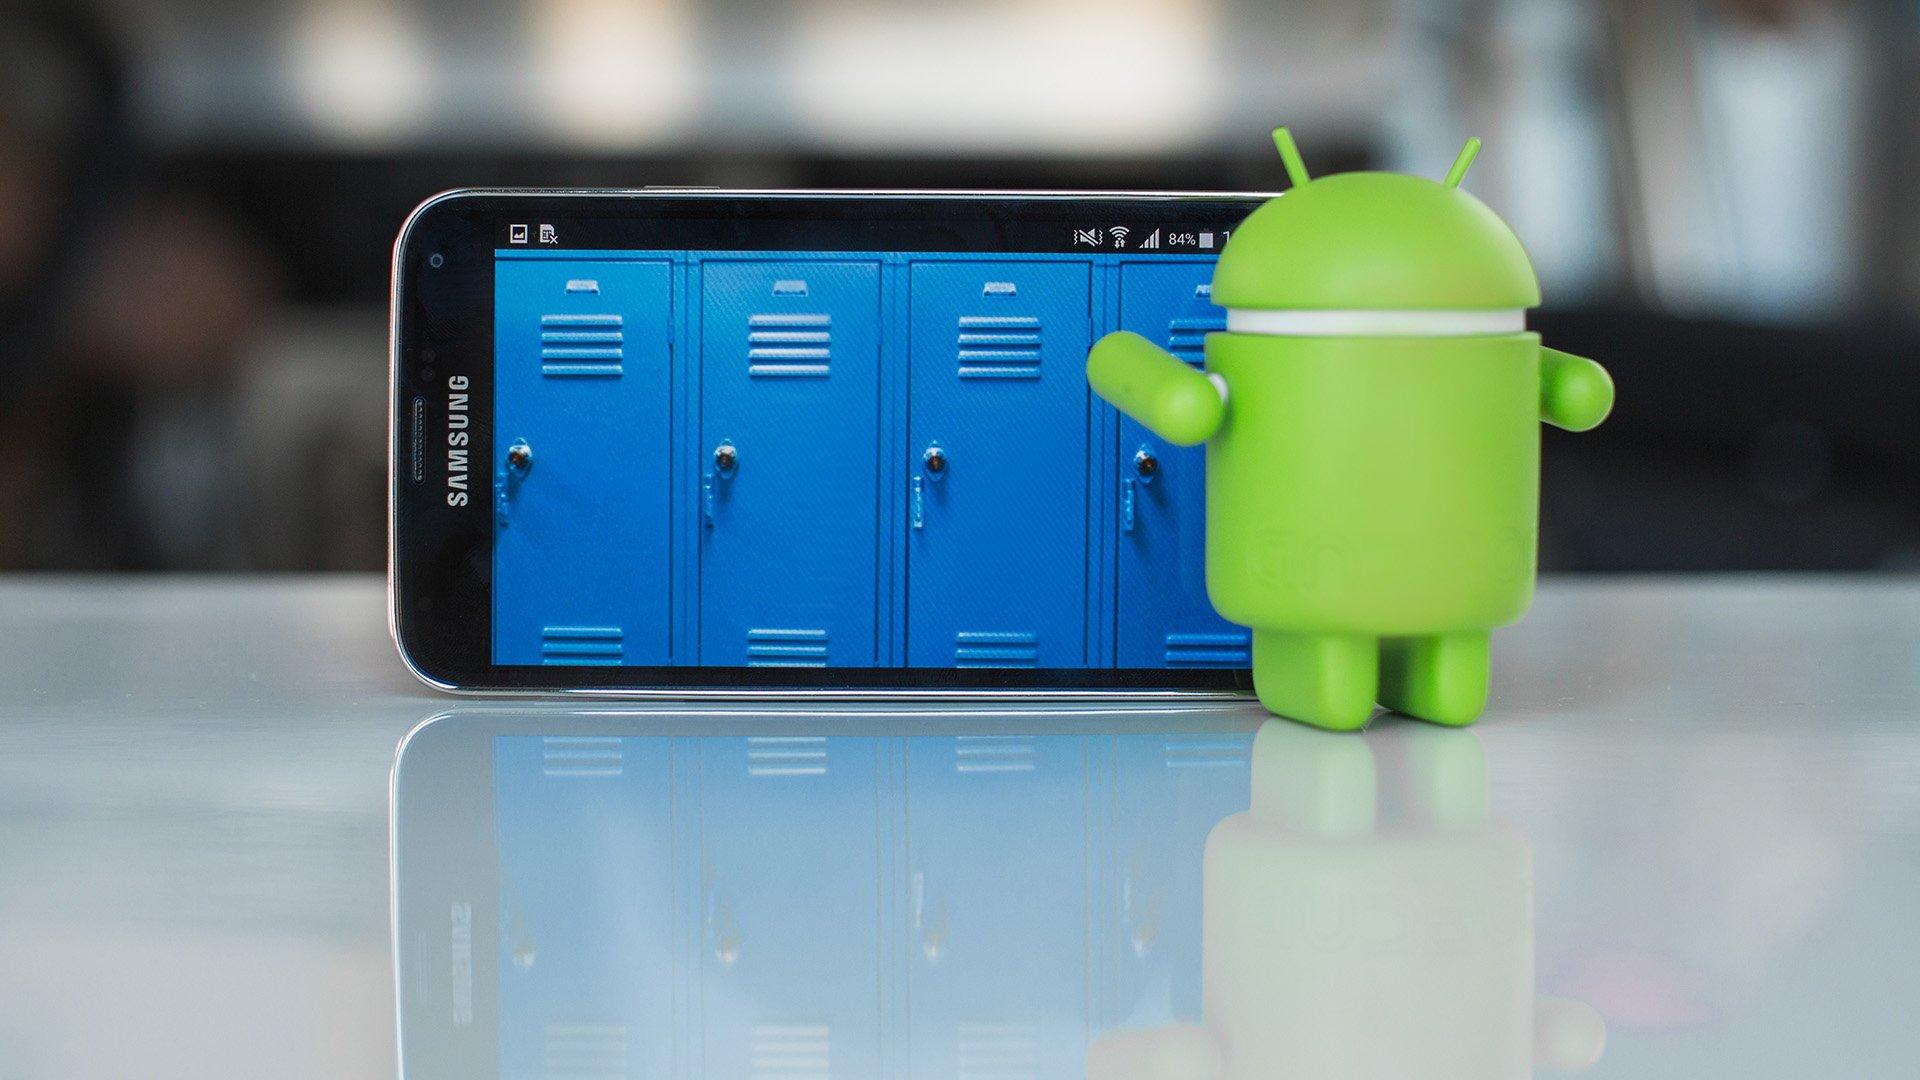 Comment cacher des fichiers et des applications sur Android